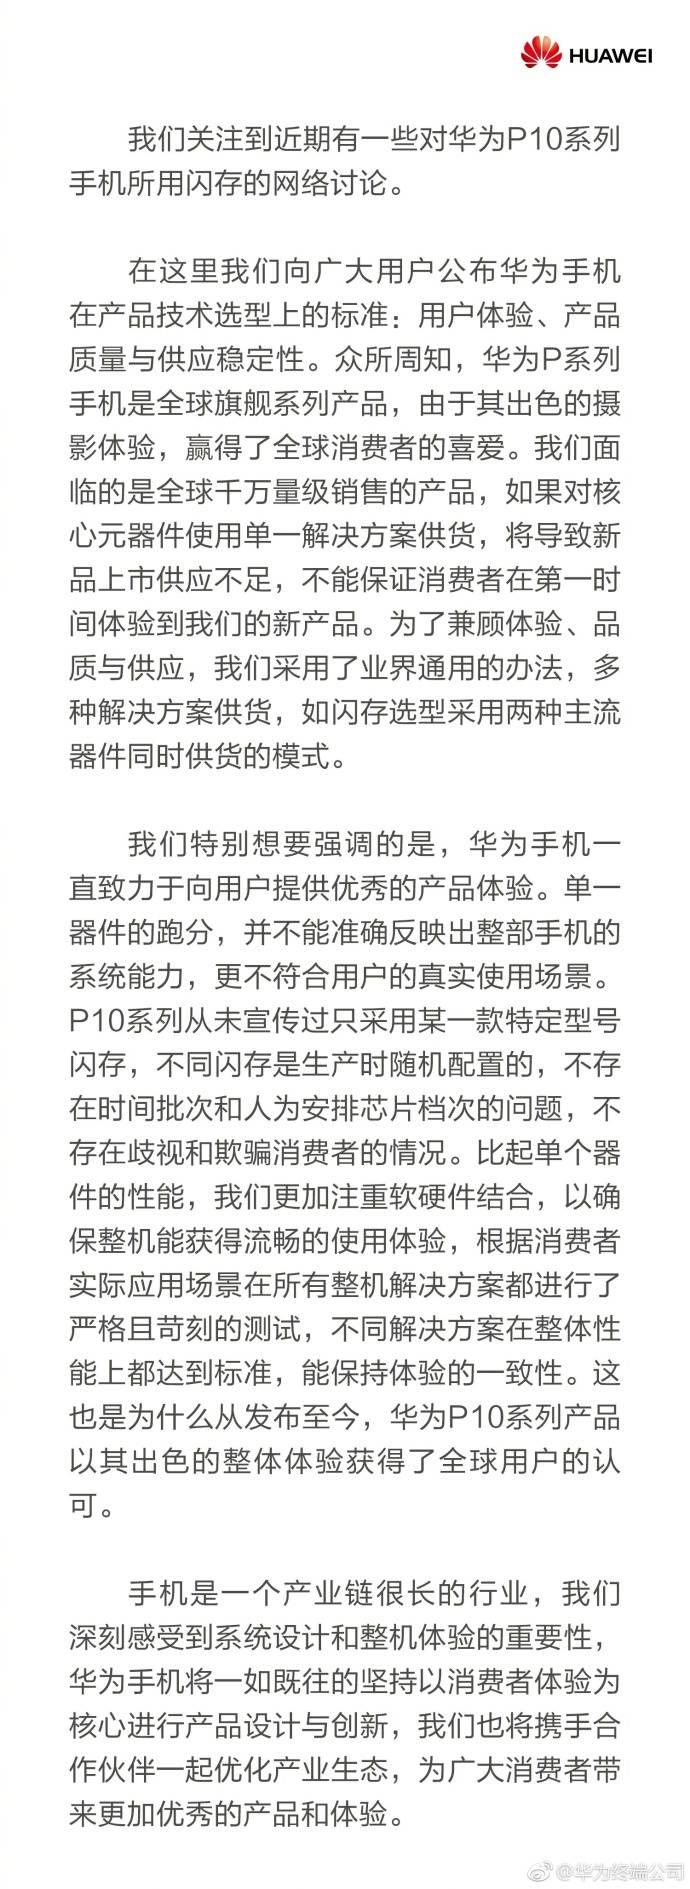 4月19日,华为官方首次回应P10闪存门。